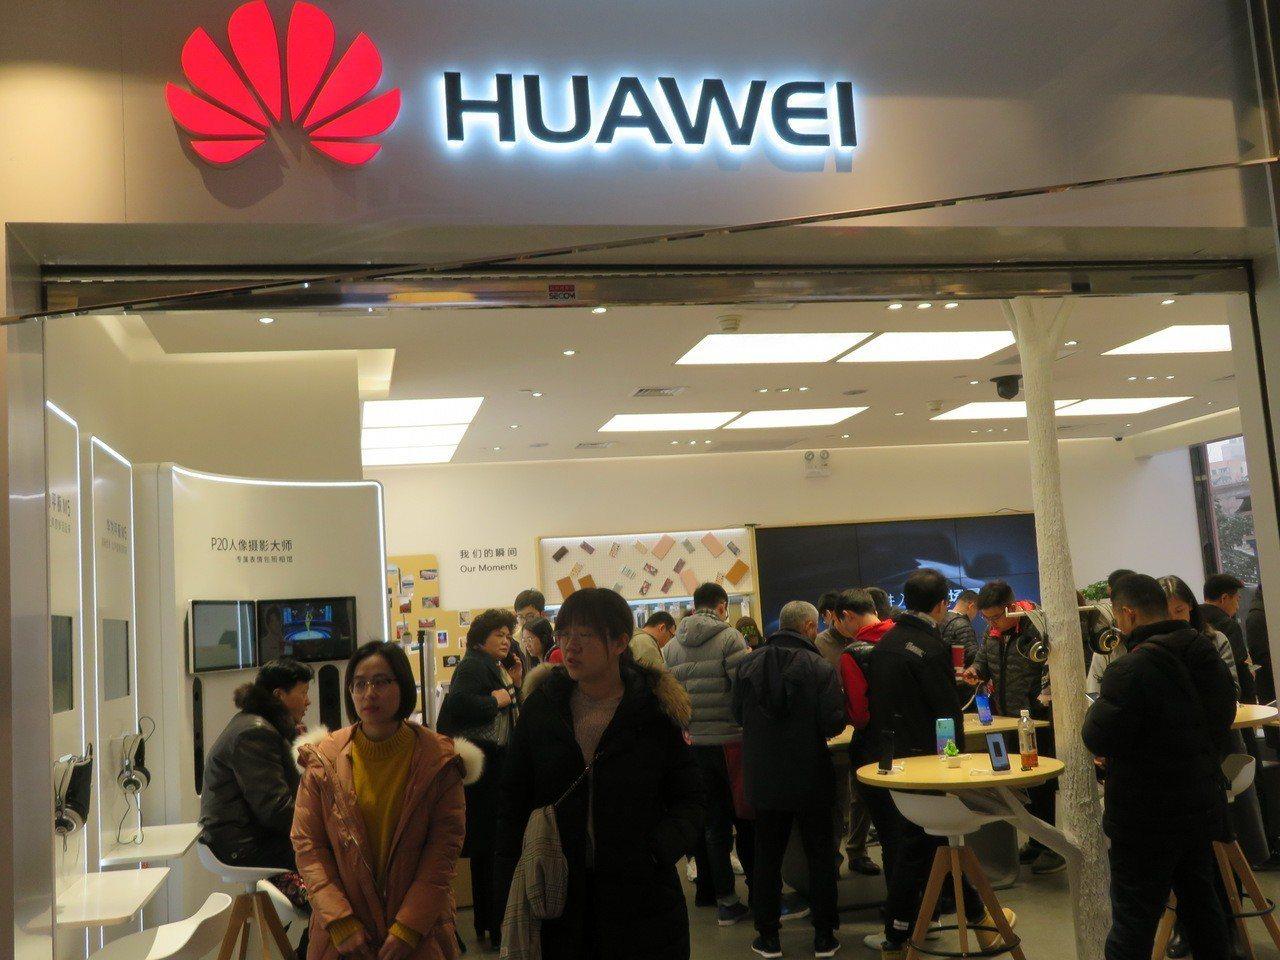 針對谷歌暫停與華為部分業務往來,華為20日傍晚發布聲明強調,中國市場將不受影響。...